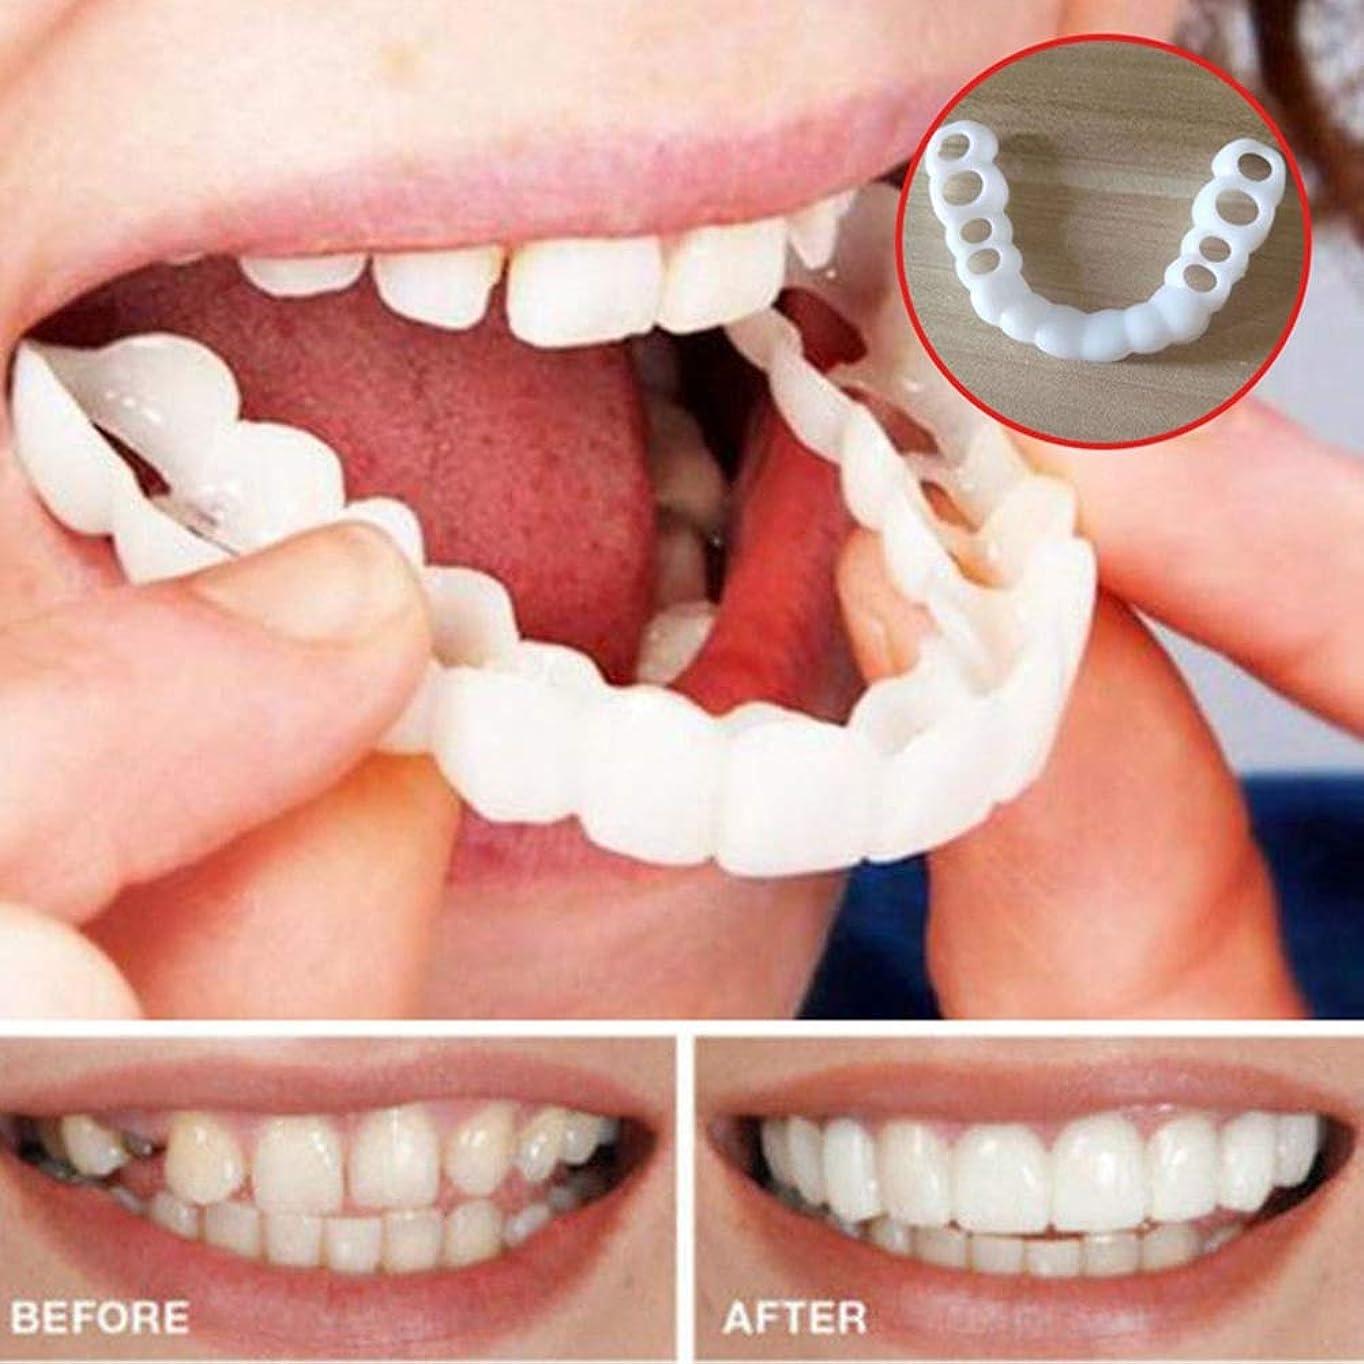 パイプ洪水参加する3ペア完璧な笑顔歯スナップオン化粧品安全な笑顔インスタントナチュラルボトムとトップベニア歯科ホワイトニング歯ツール